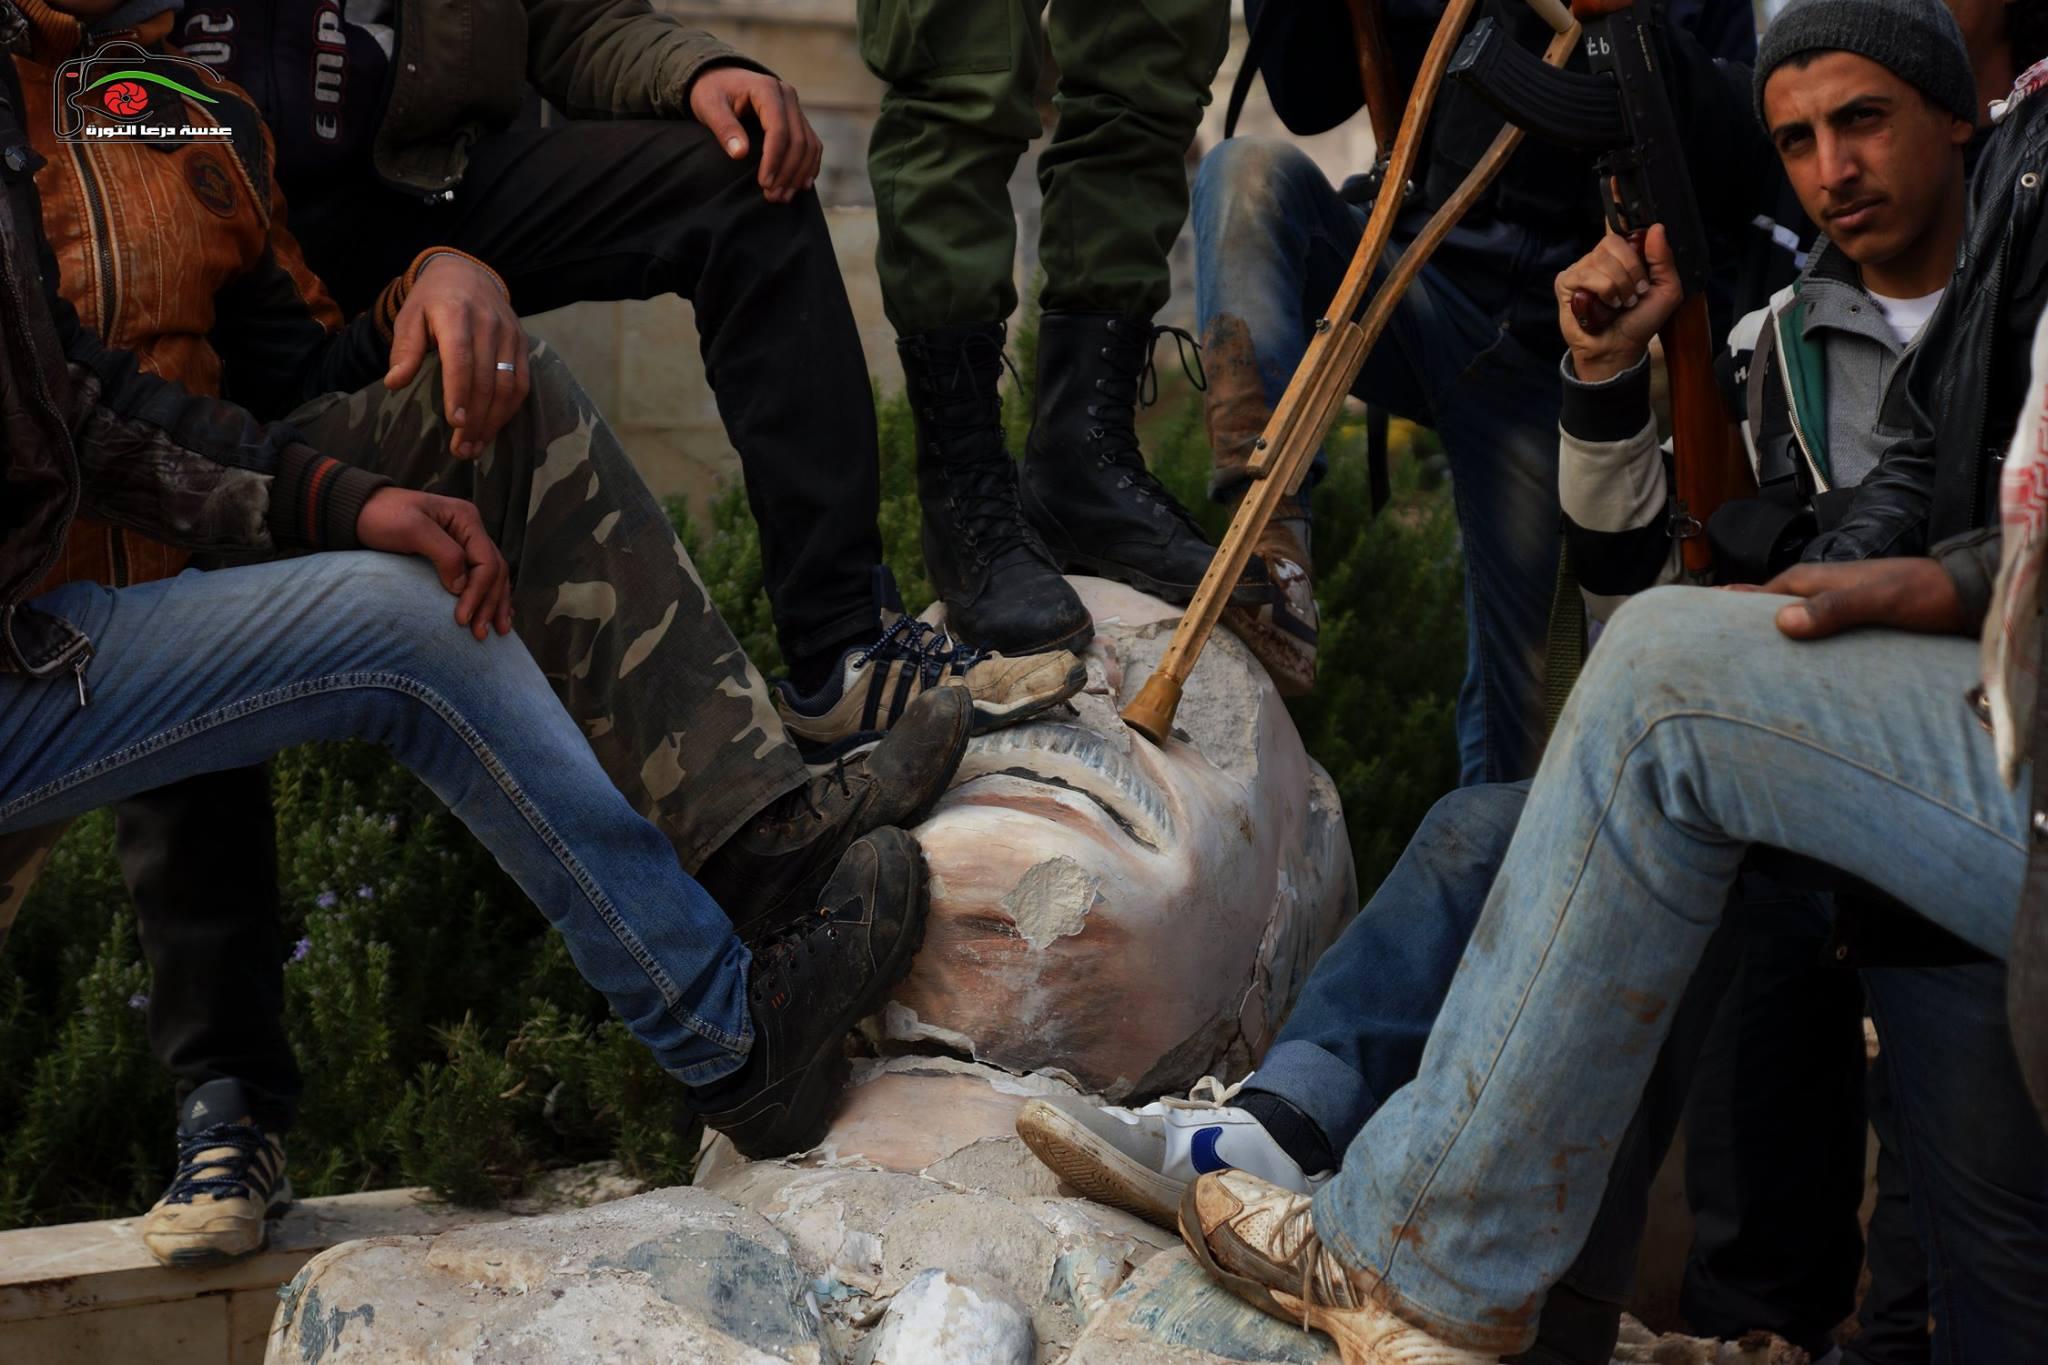 המורדים מפילים את פסלו של חאפז אל אסד בדראע שבסוריה ביולי 2011